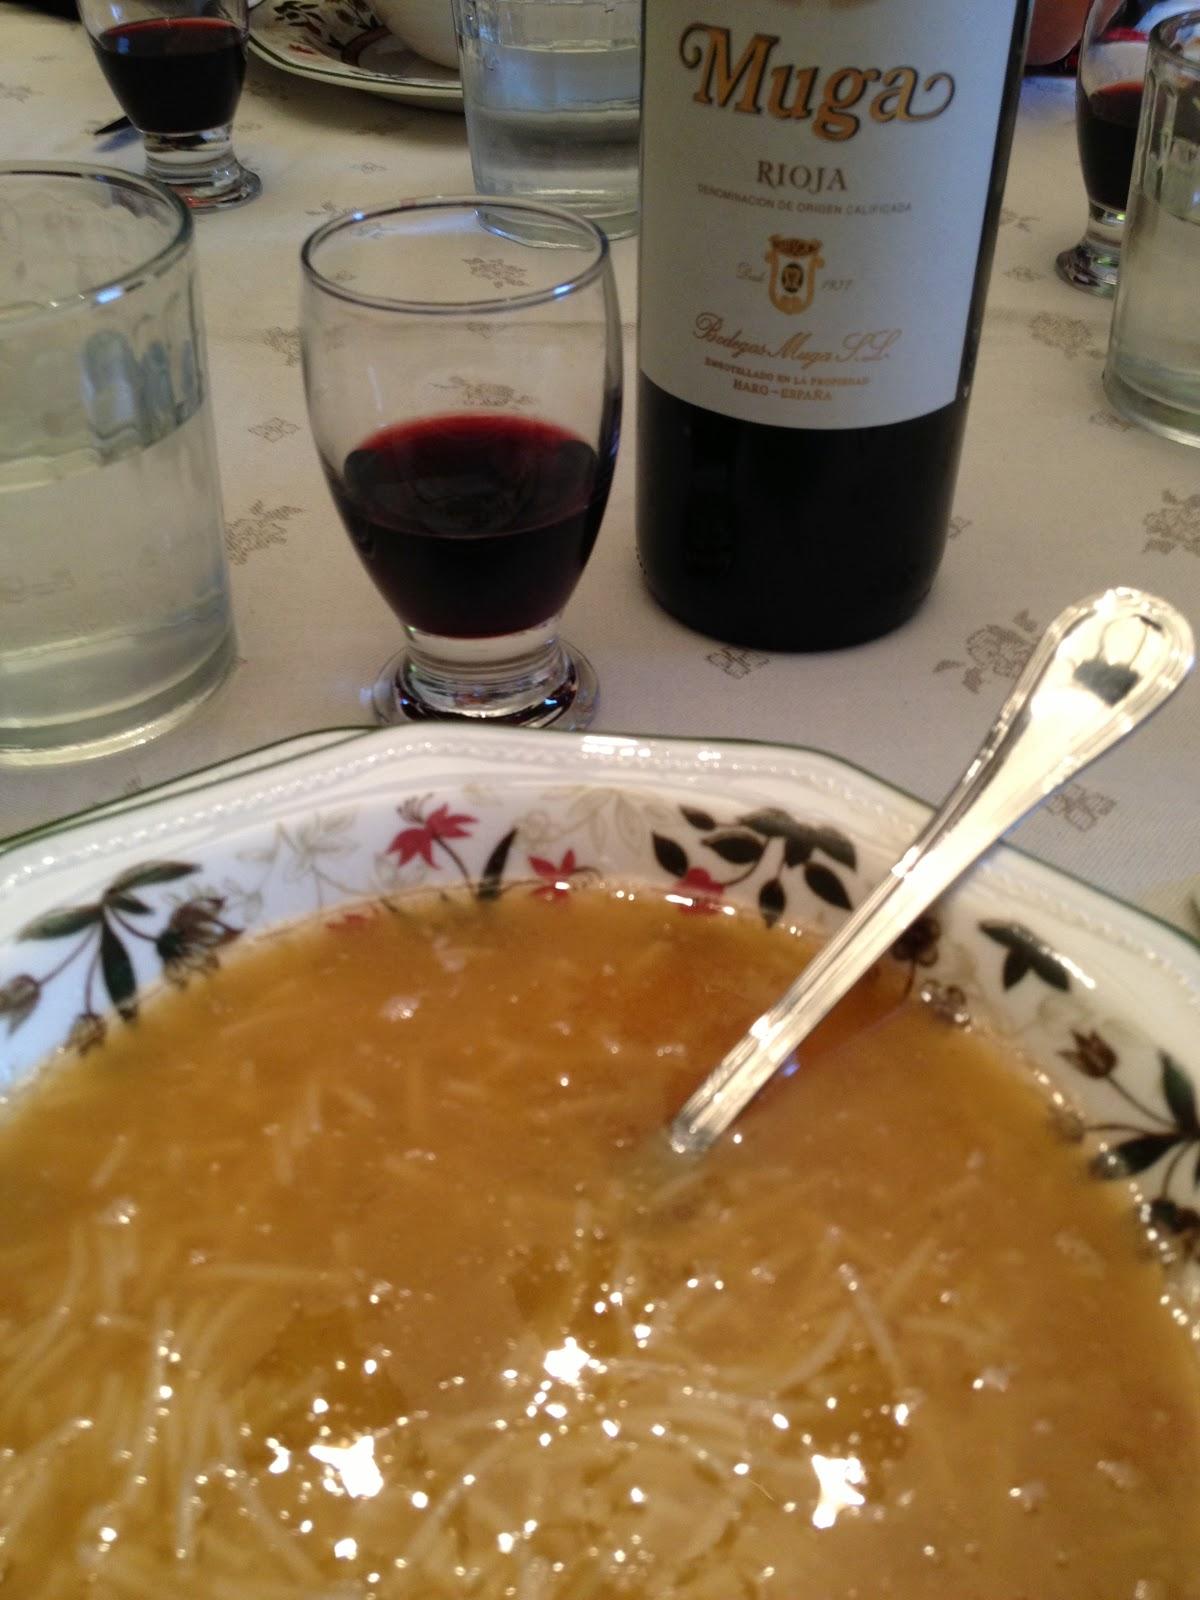 Sopa de cocido - receta - el gastrónomo - el troblogdita - Rioja - Muga